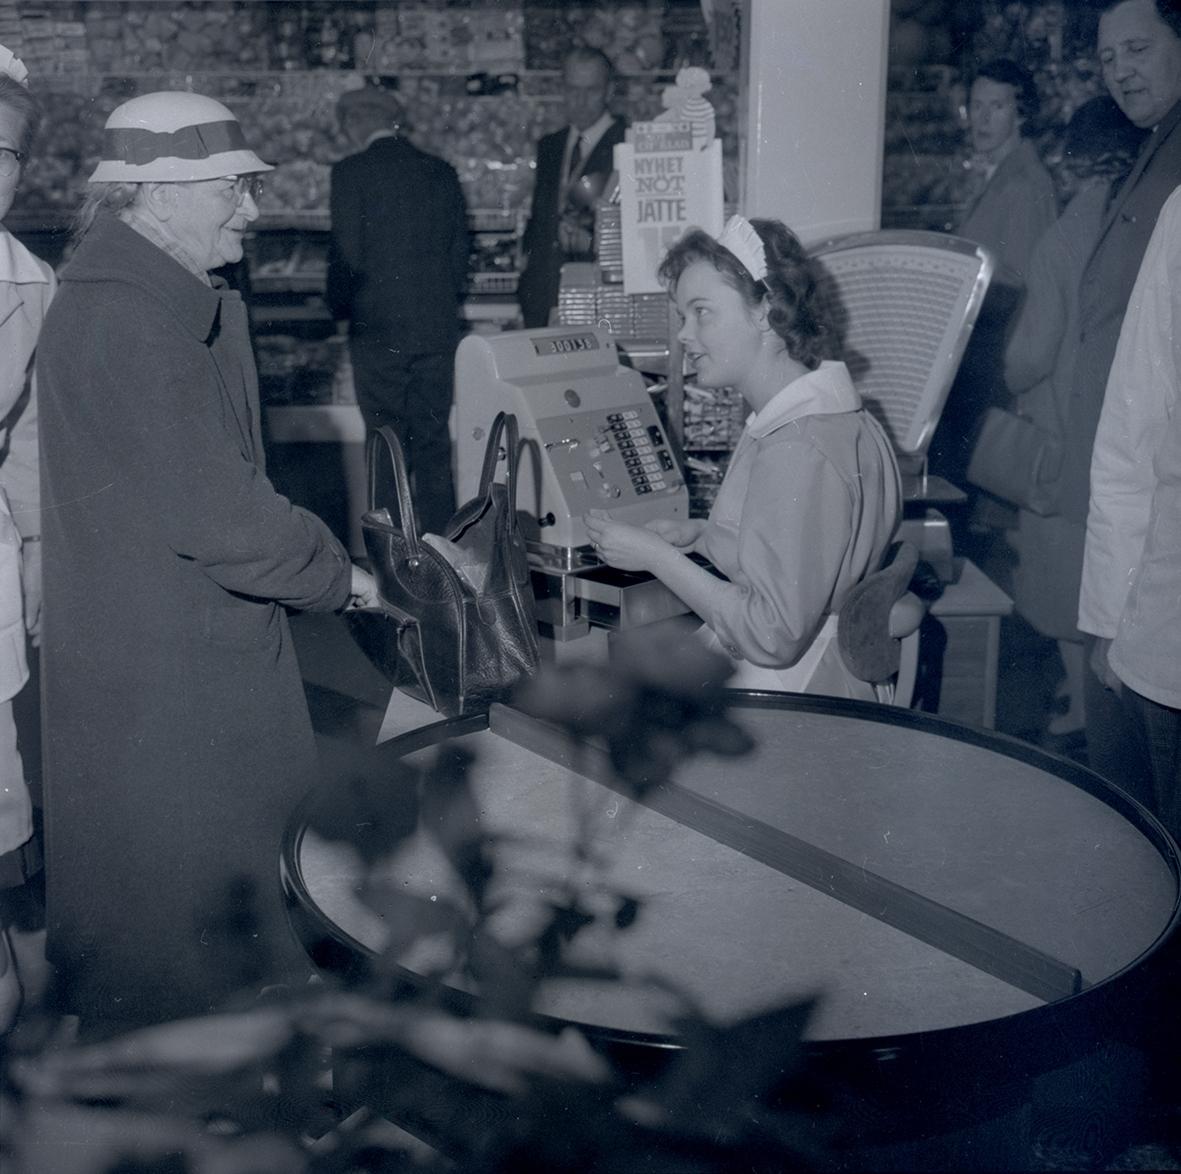 Bild tagen i samband med invigning av Konsum. En kvinna vid kassan bland människor.